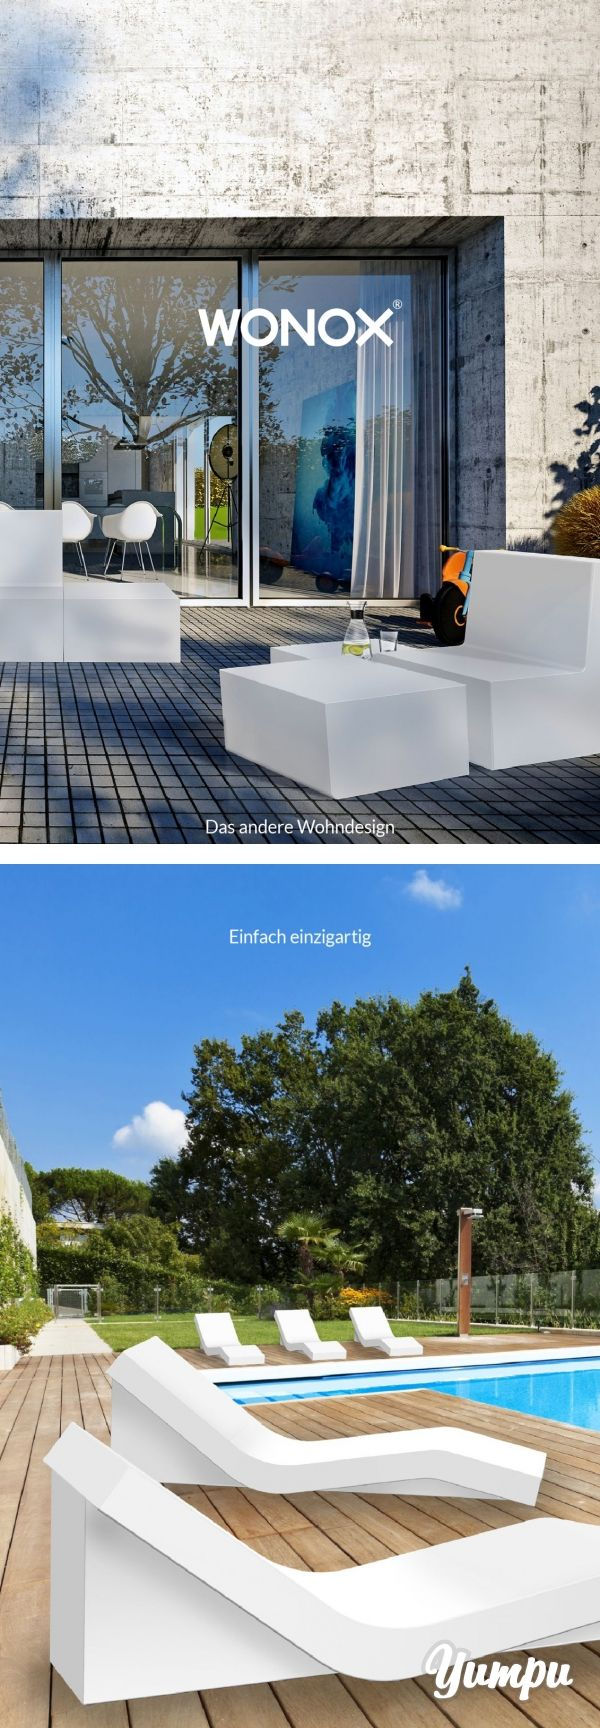 Das andere Wohndesign - Magazine Kollektion 2015